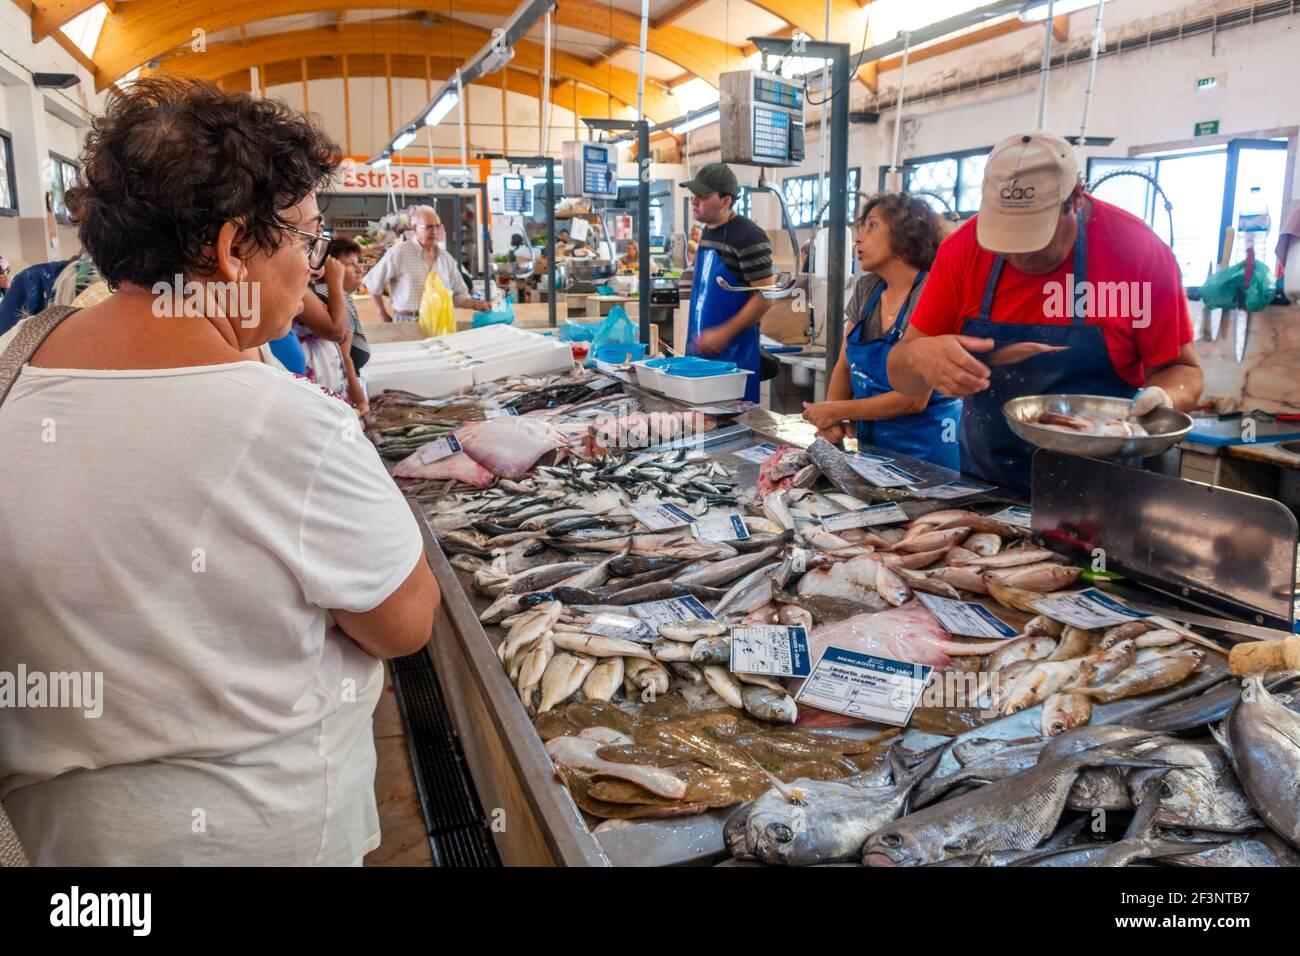 Frischer Fisch auf dem Markt in Fuseta, Algarve, Portugal Stockfoto